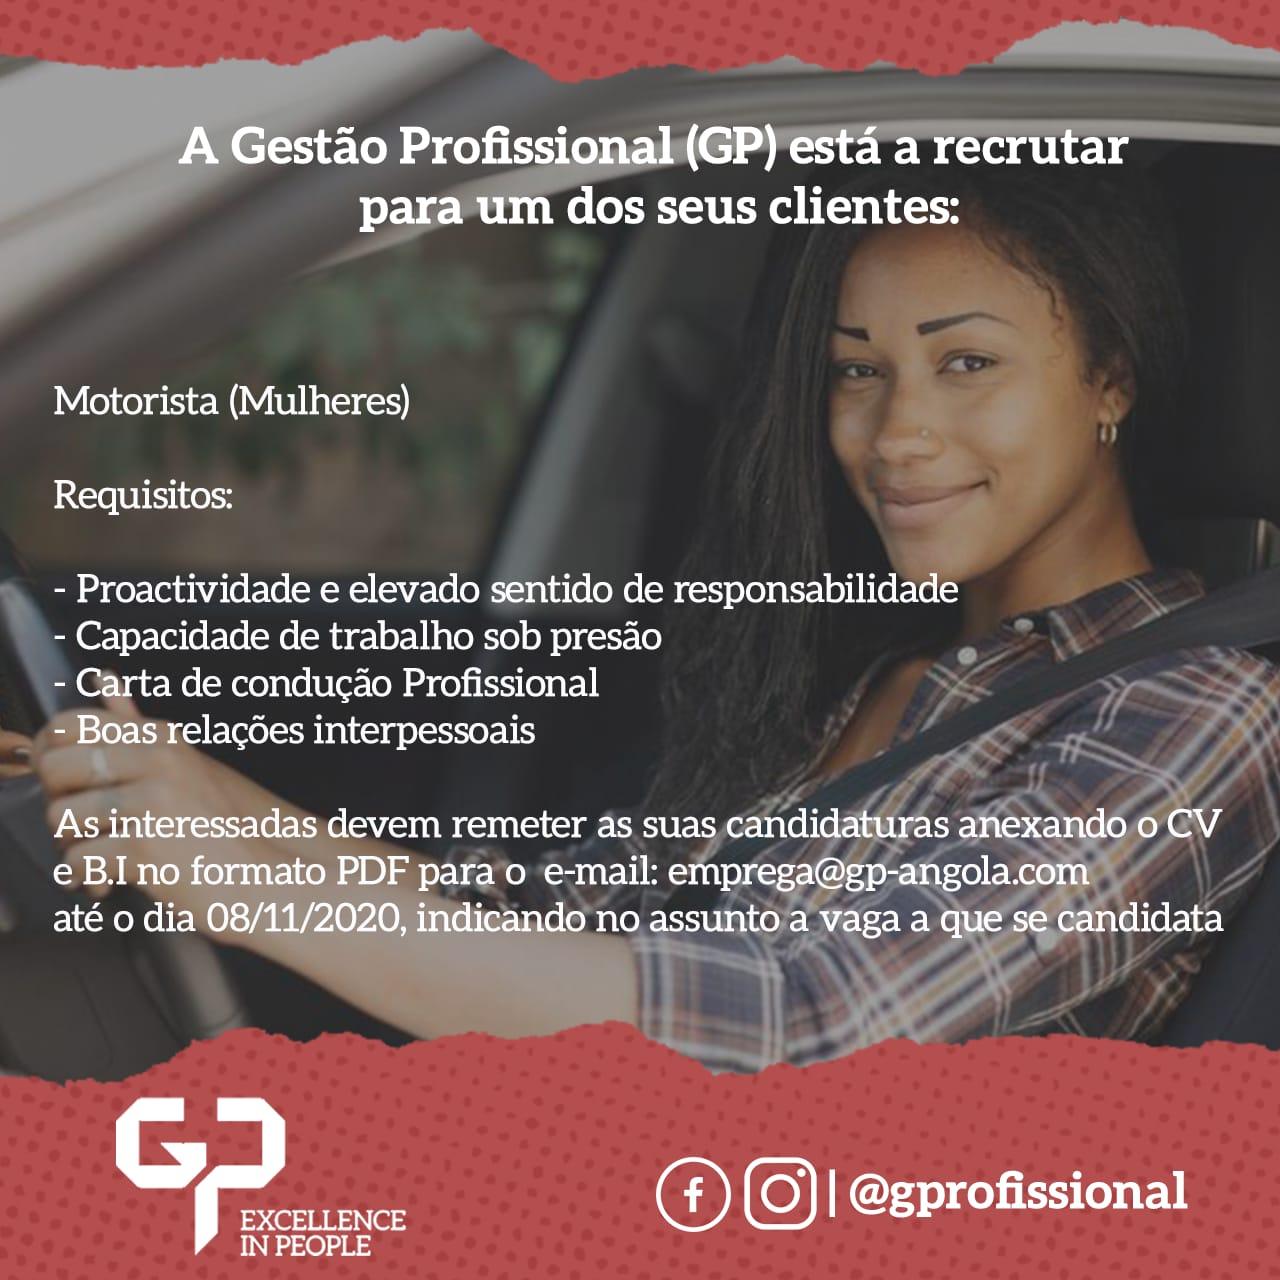 A Gestão Profissional (GP) está a recrutar para um dos seus clientes